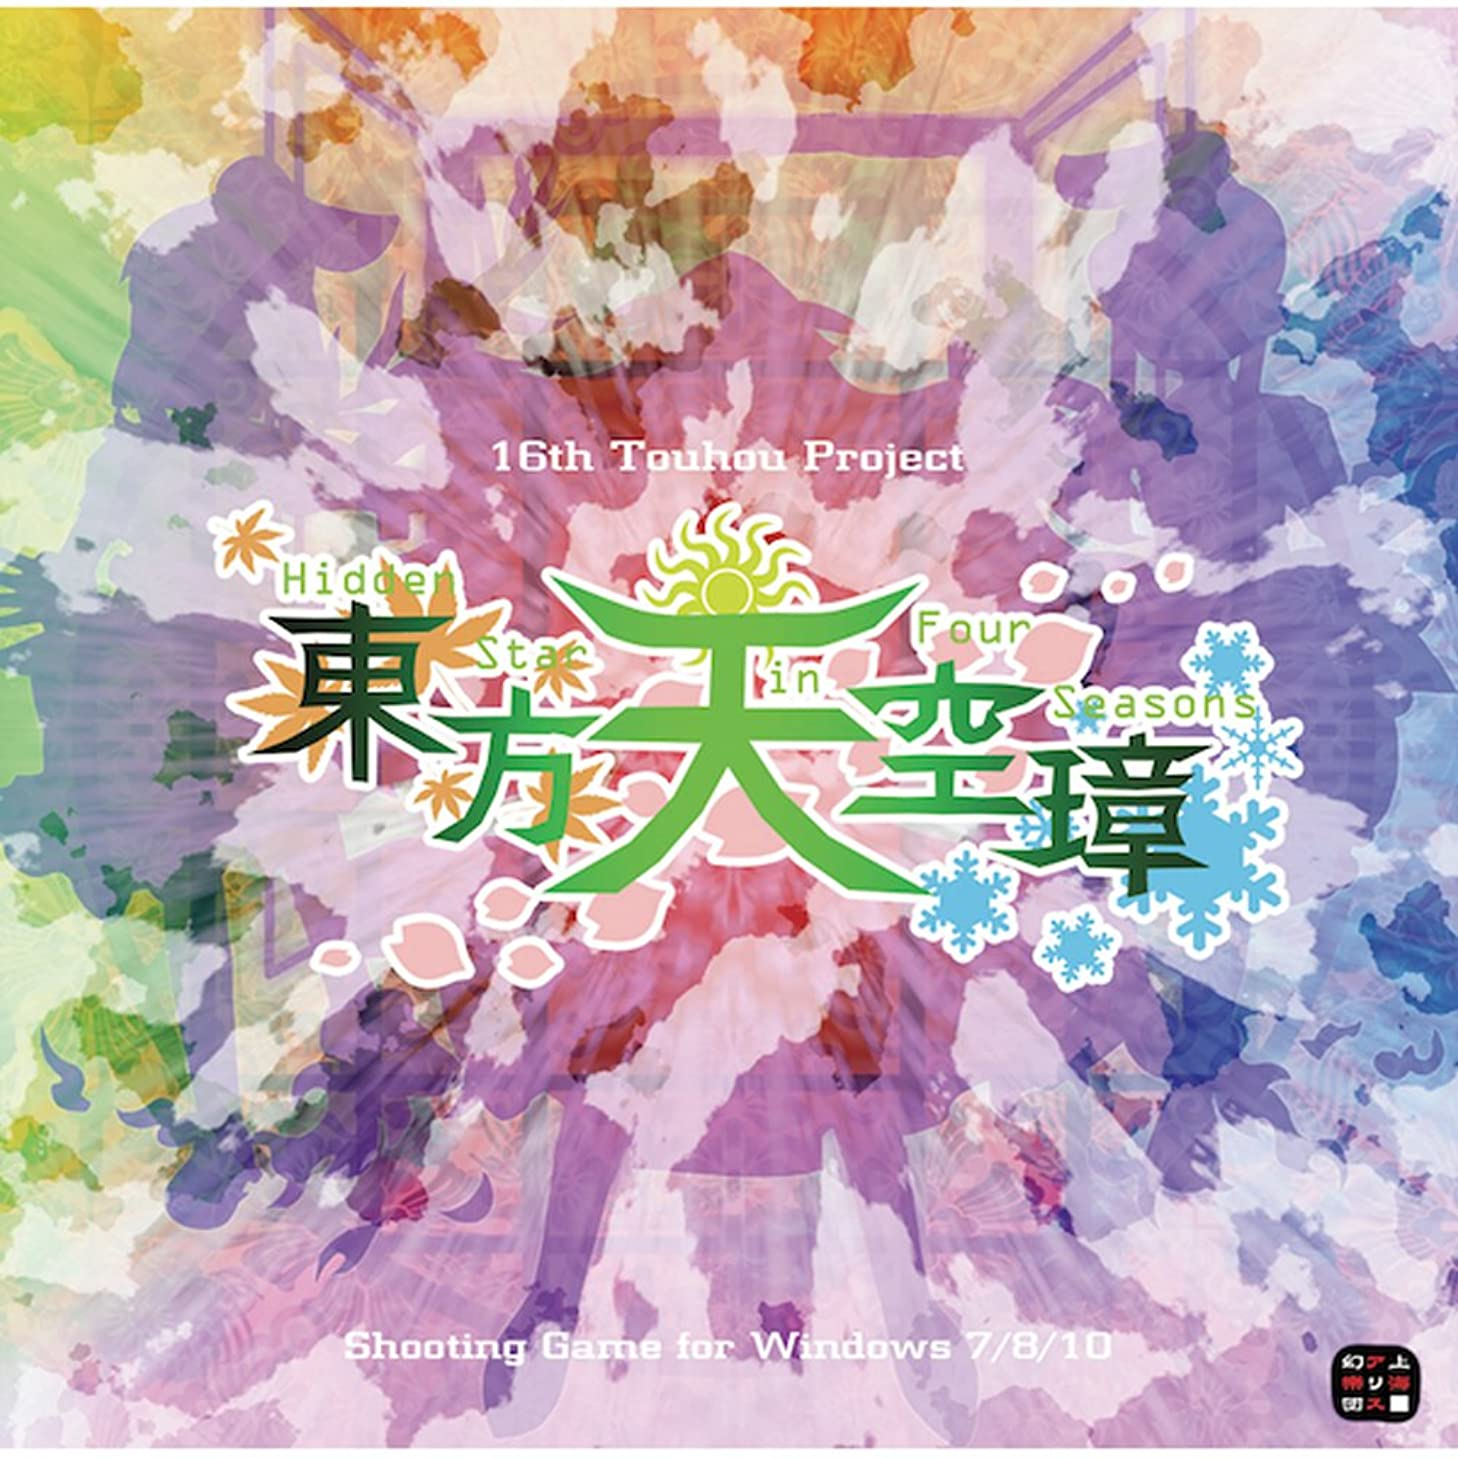 開拓者神社集まる東方天空璋 ~ Hidden Star in Four Seasons.[東方Project][同人PCソフト]